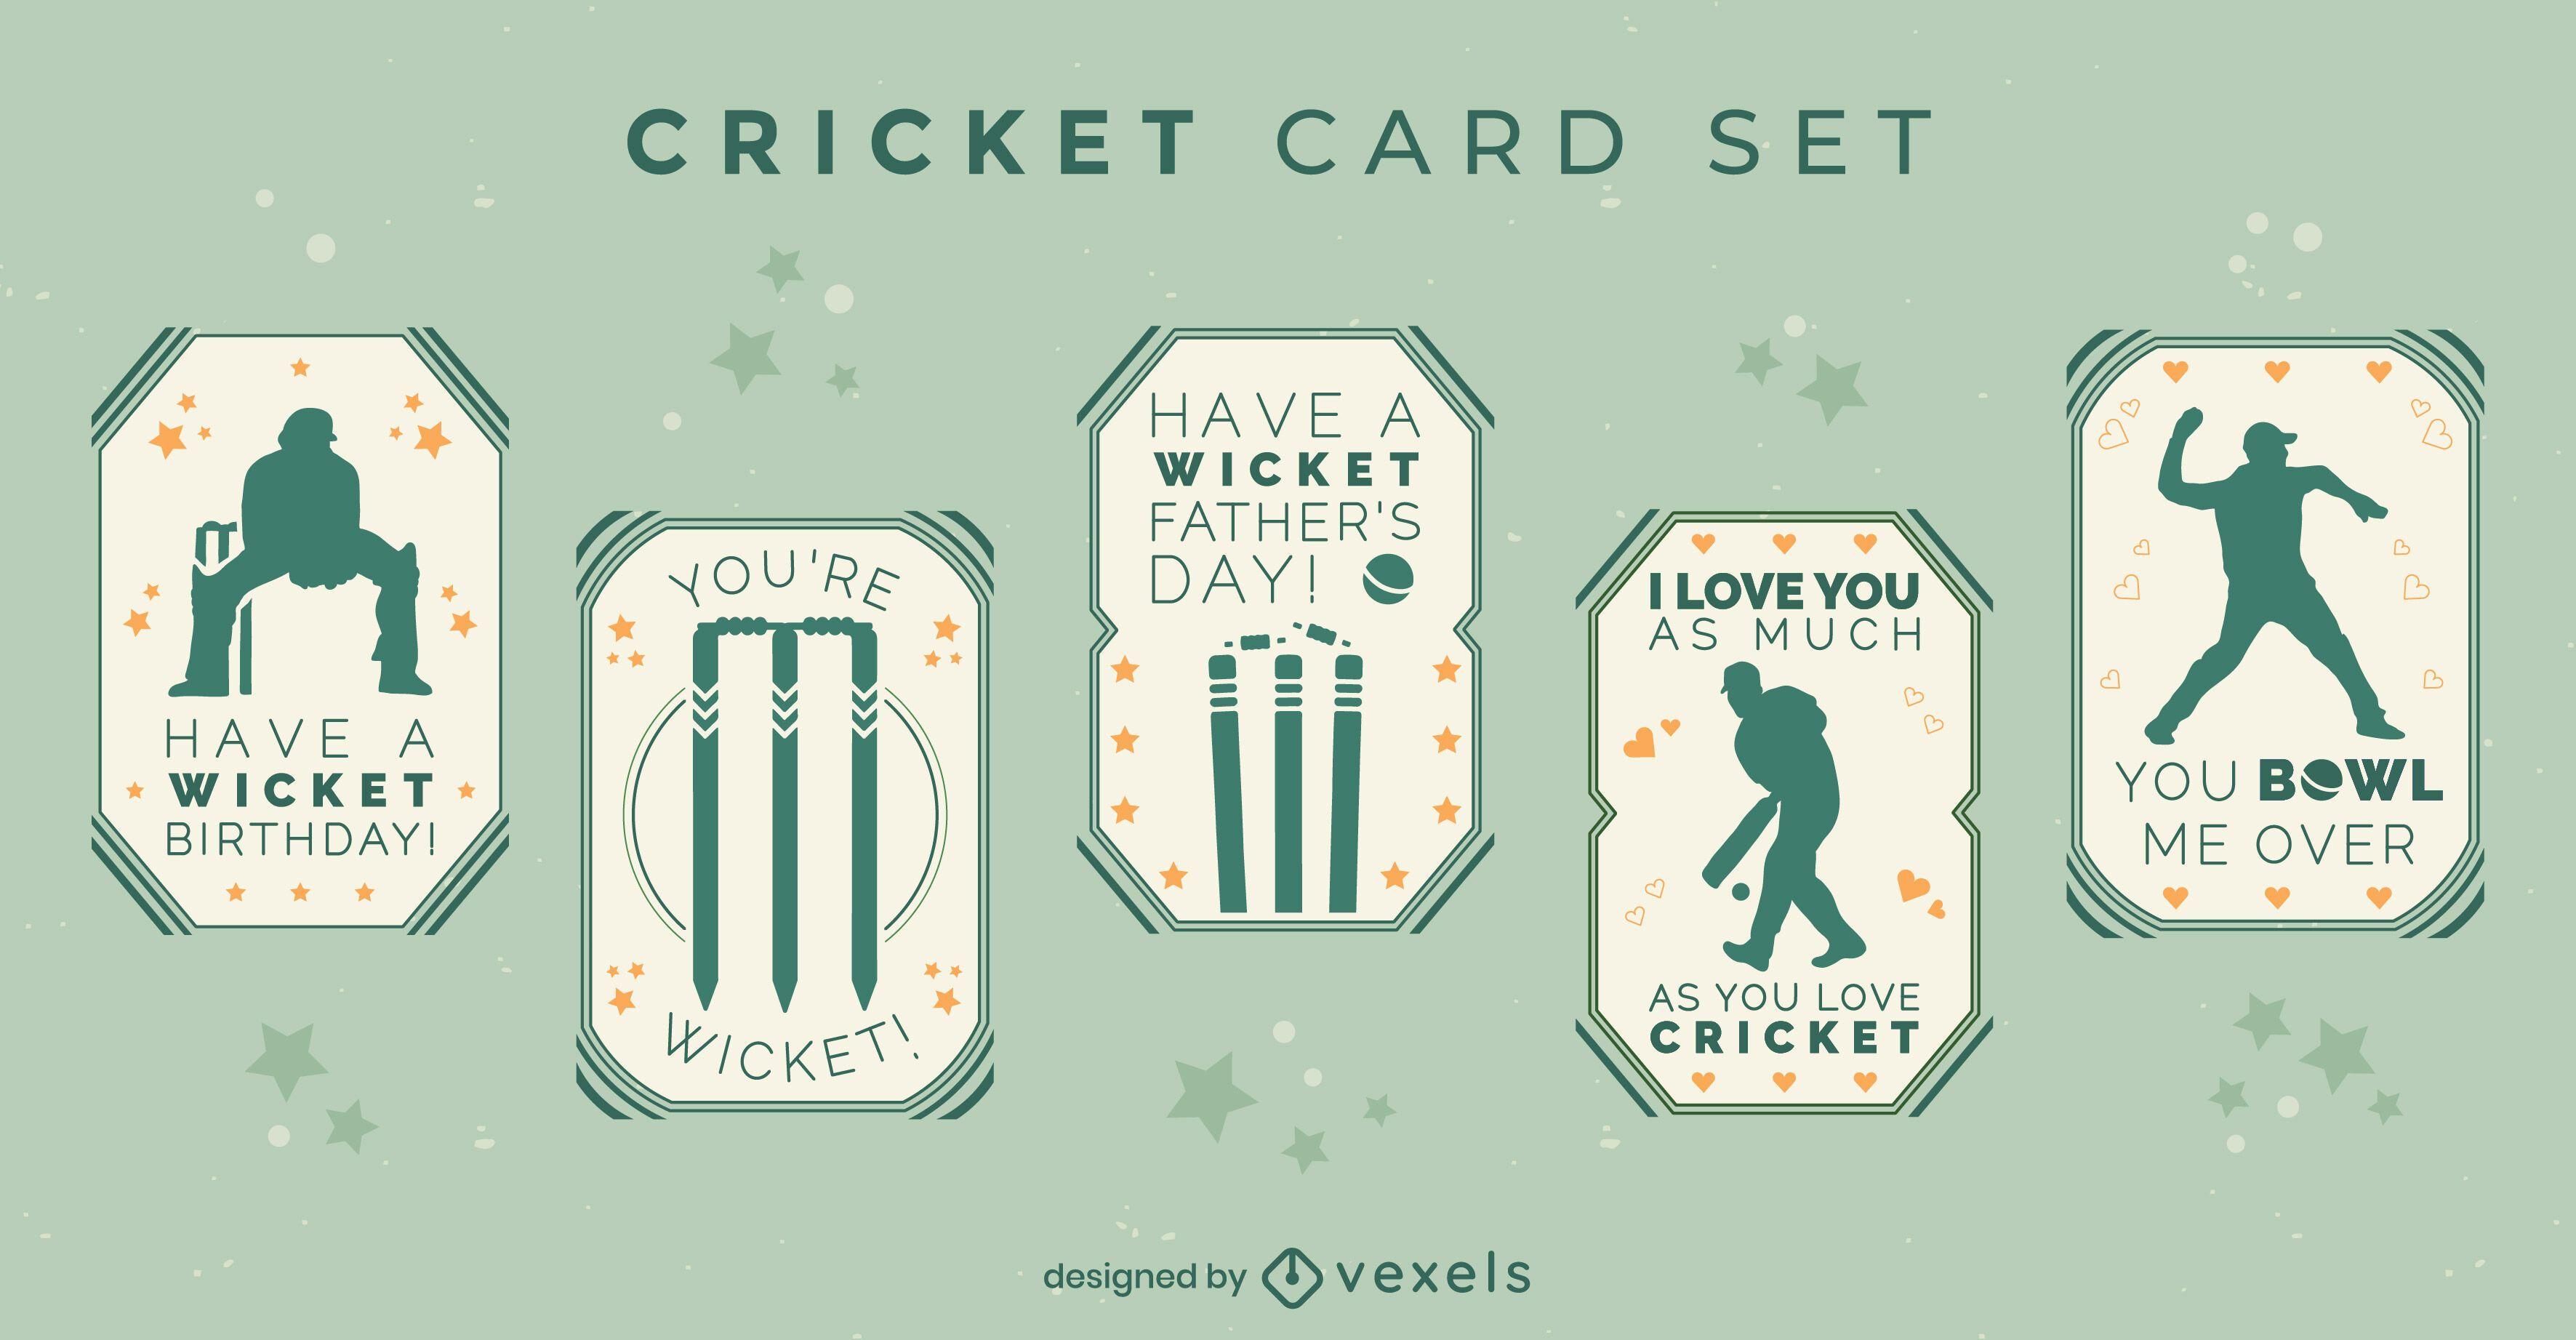 Tarjeta de cricket con cotizaciones